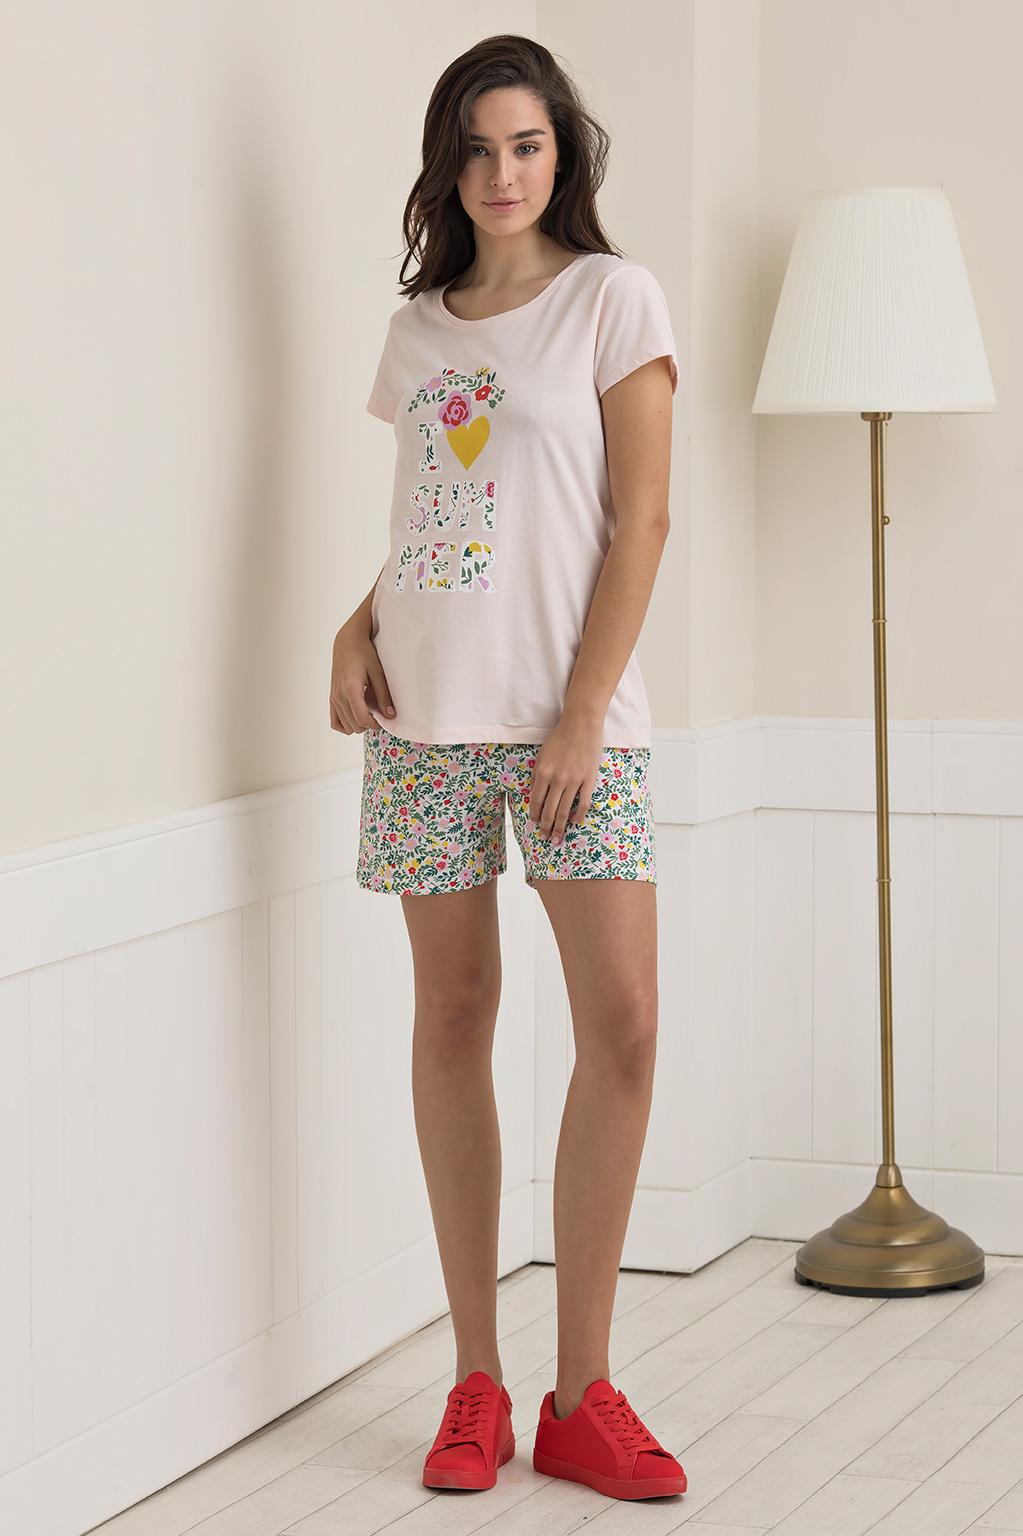 פיג'מת הדפס אוהבת קיץ SLEEP EXPOSE לאישה - צבע לבחירה